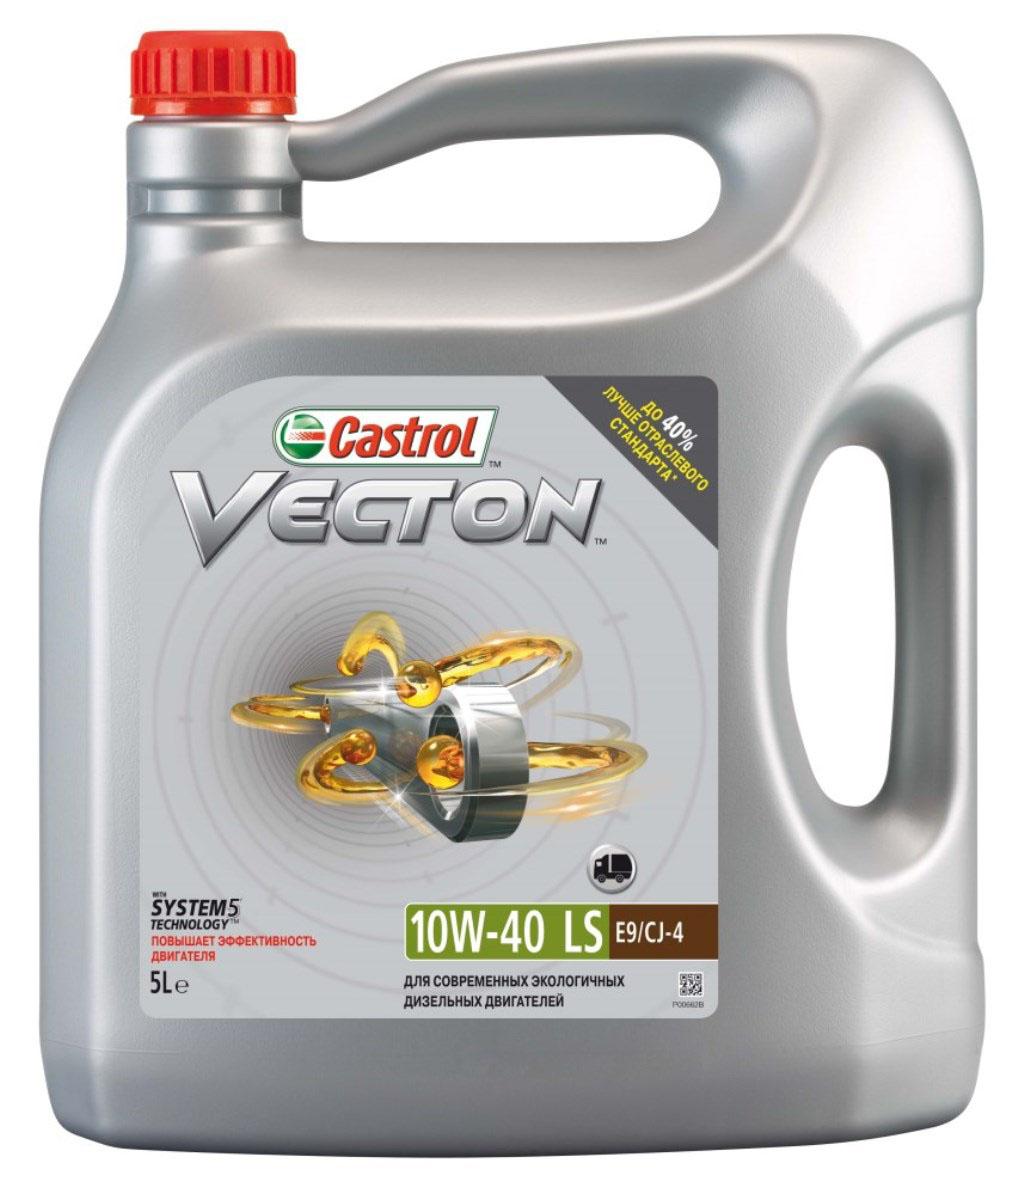 Моторное масло для двигателя Castrol Vecton 10W-40 LS, 5 л1532A9Castrol Vecton Long Drain 10W-40 LS – полностью синтетическое моторное масло со сниженной зольностью. Произведено с использованием уникальной технологии System 5 TM и предназначено для использования с увеличенными интервалами замены в дизельных двигателях, оснащенных самыми современными системами снижения токсичности выхлопных газов, включая сажевыефильтры. Low SAPS означает, что композиция смазочного материала содержит меньшее количество сульфатной золы (Sulphated Ash), фосфора (Phosphorus) и серы (Sulphur) в сравнении с обычными смазочными материалами. Castrol Vecton Long Drain 10W-40 LS разработано для дизельных двигателей грузовых автомобилей и автобусов, соответствующих экологическим стандартам Euro 4 и Euro 5. Также может применяться в двигателях предыдущих поколений и в двигателях внедорожной техники в соответствии со спецификациями. Преимущества: Современные двигатели работают в постоянно изменяющихся условиях, которые влияют на эффективность их работы. Castrol Vecton Long Drain 10W-40 LS c технологией System 5 TM адаптируется к этим изменениям, позволяя максимально реализовать эксплуатационные характеристики двигателя, работающего с удлиненными интервалами замены, даже в тяжелых условиях эксплуатации; продукт обладает превосходной способностью нейтрализовать вредные вещества, образующиеся в процессе работы двигателя, сохраняя эту способность в течение всего интервала работы масла; минимизирует износ деталей двигателя; предотвращает образование отложений на поршне даже в тяжелых условиях эксплуатации. Castrol Vecton Long Drain 10W-40 LS одобрен MAN, Mercedes-Benz, Renault Trucks, Volvo Trucks и Deutz для увеличенных межсервисных интервалов, в соответствии со спецификациями. Интервал замены моторного масла в каждом конкретном случае зависит от качества топлива, условий эксплуатации, а также от типа и состояния двигателя. В вопросе определения межсервисного интервала необходимо всегда сверяться с 